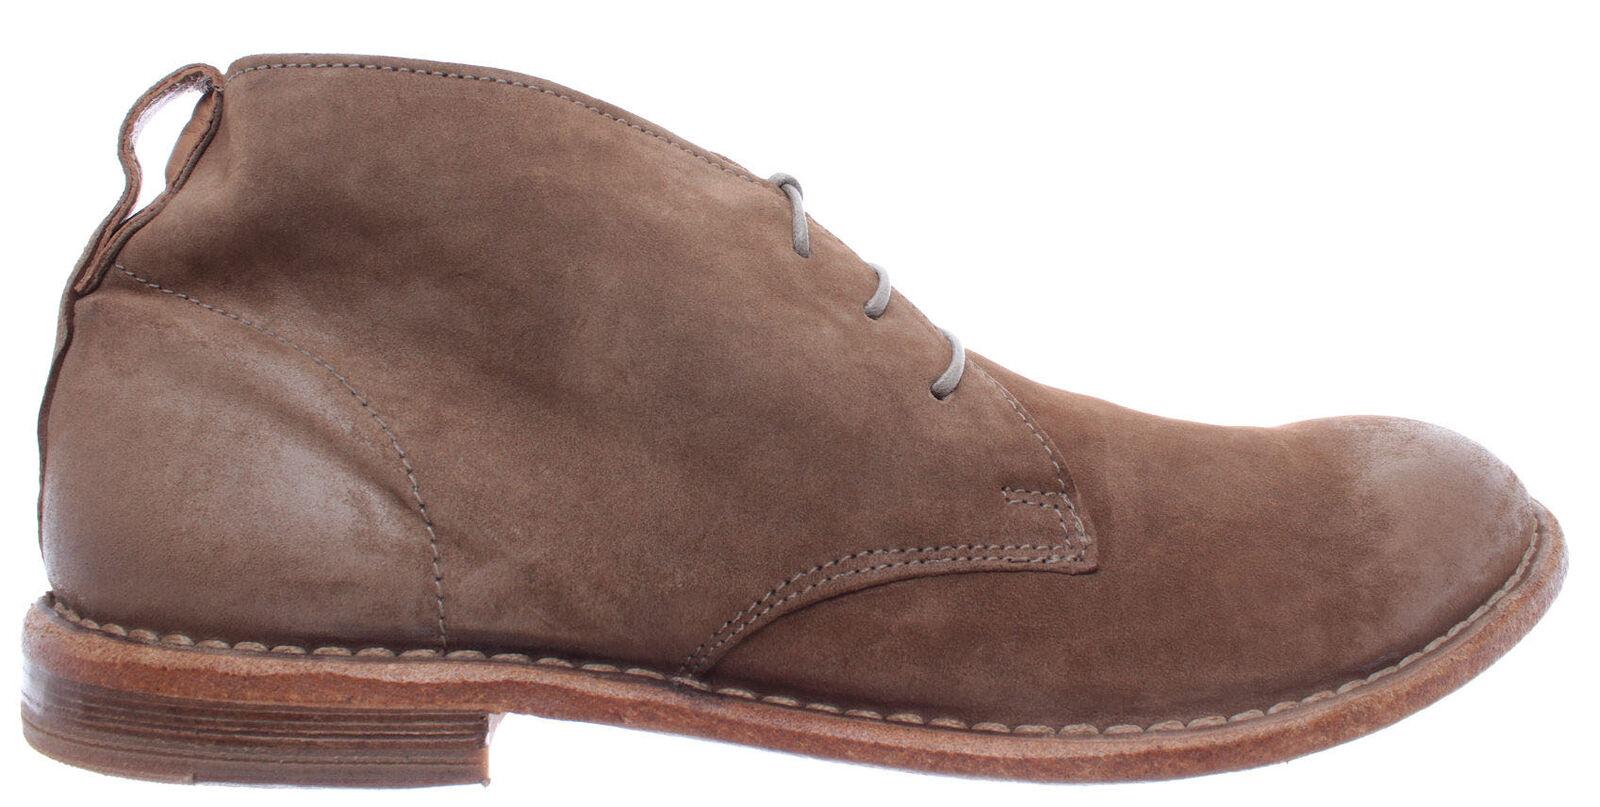 MOMA zapatos masculinos tobillos desierto botas 22902 - 4G Oliva gris cuero marrón